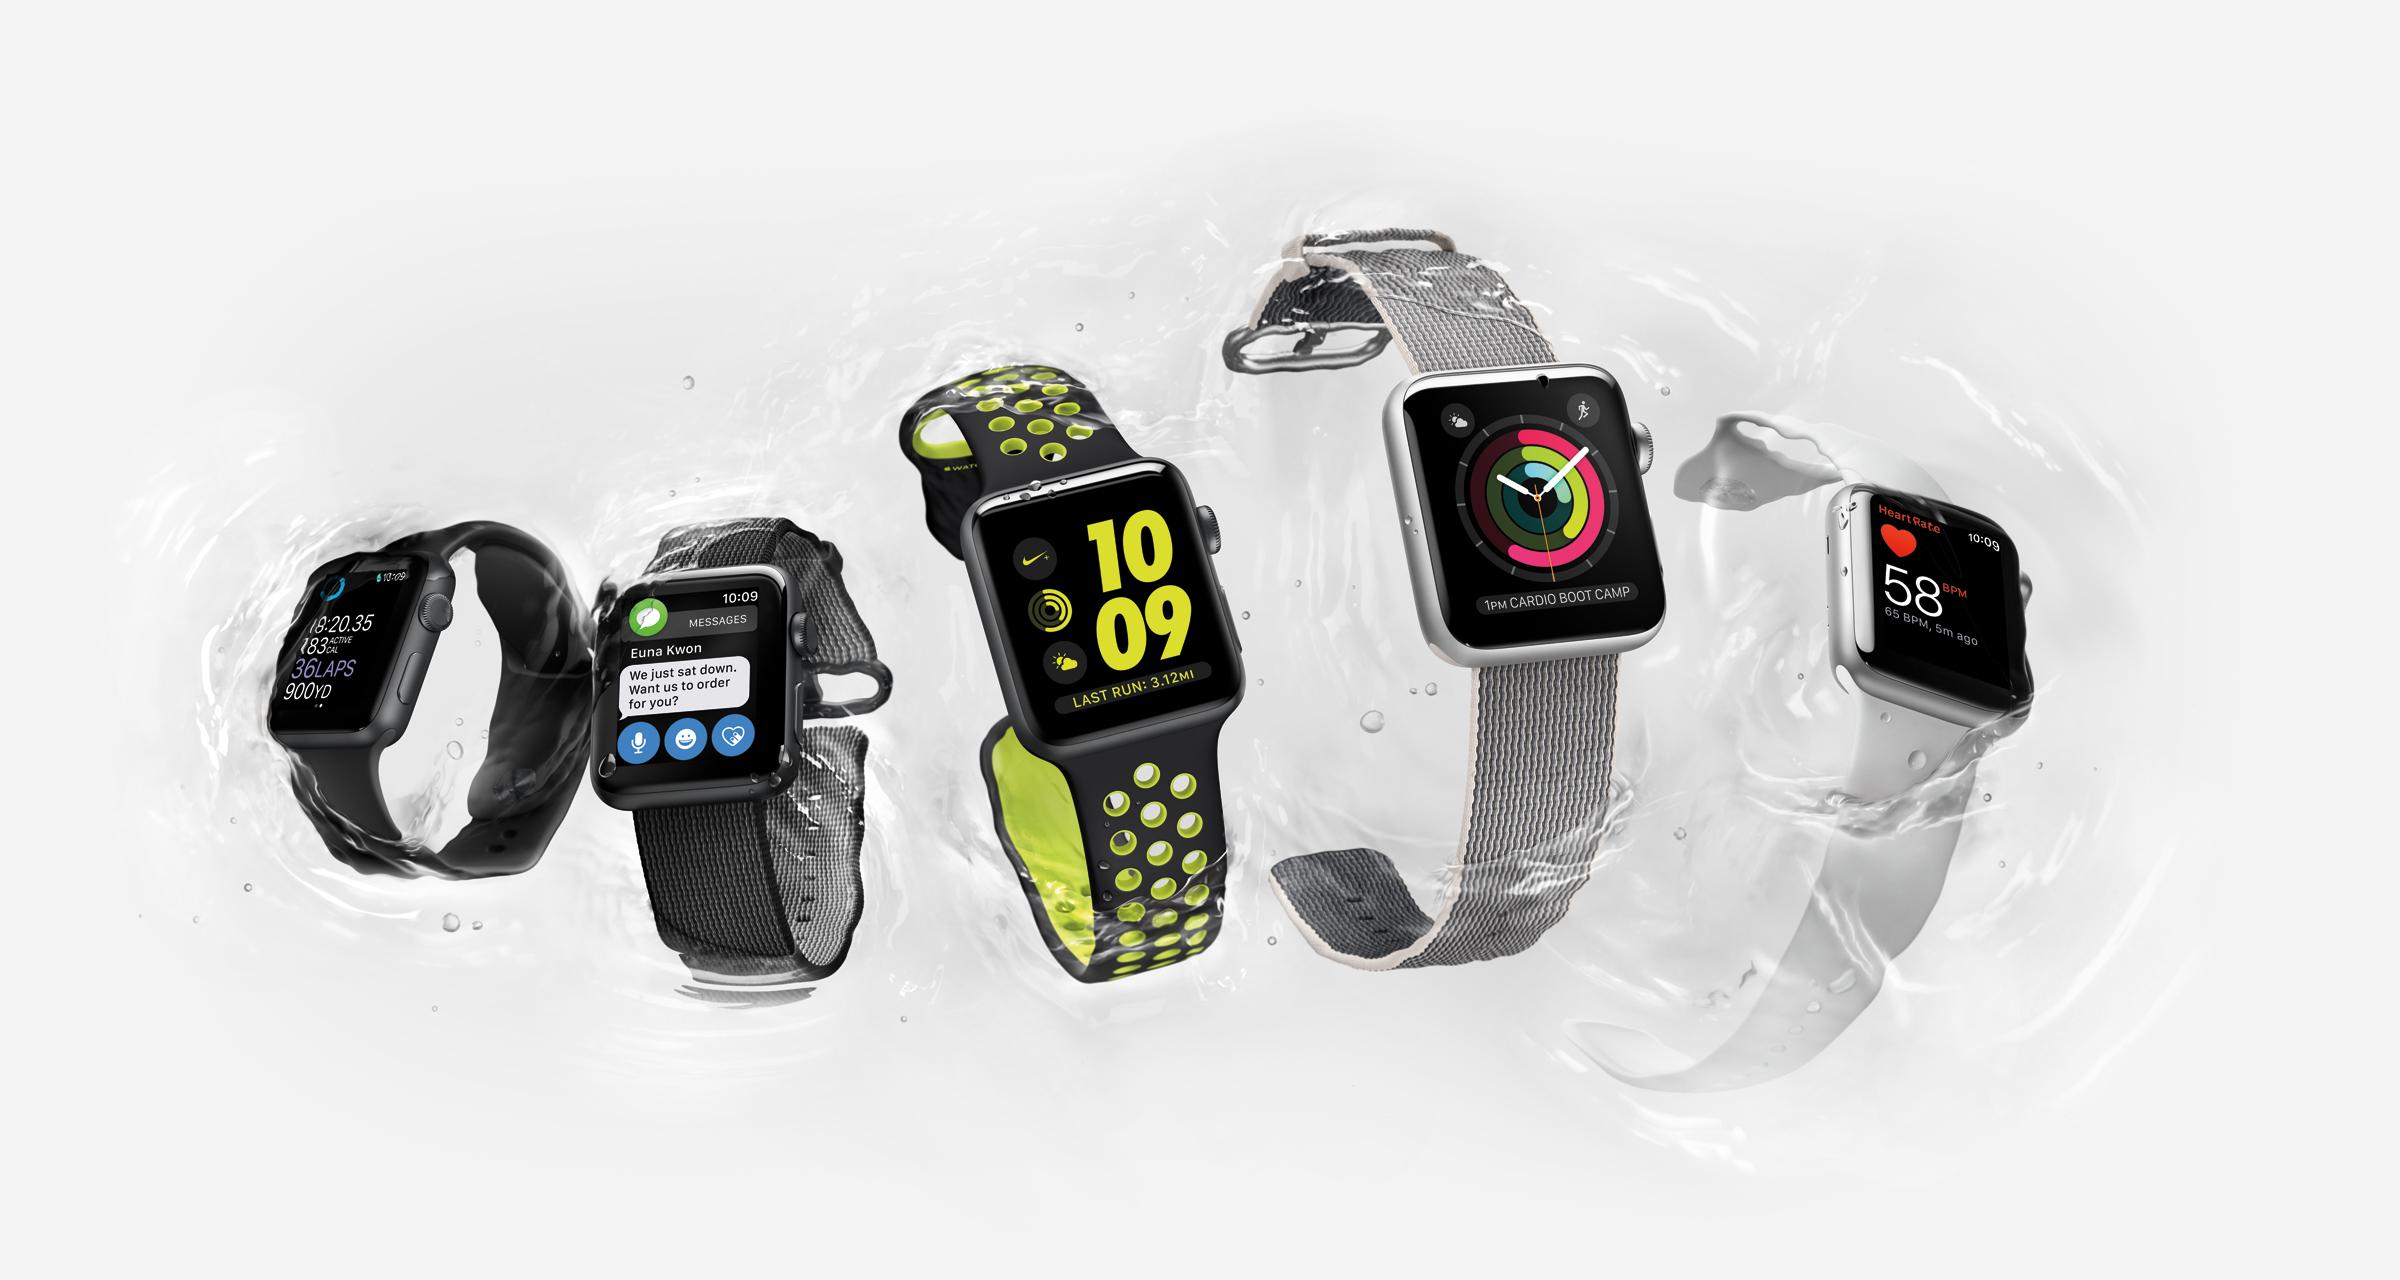 Variert: Apple Watch fås i flere versjoner med ulik spesifikasjon og utseende. Vi har testet den fluor-fargede i midten. Foto: Apple